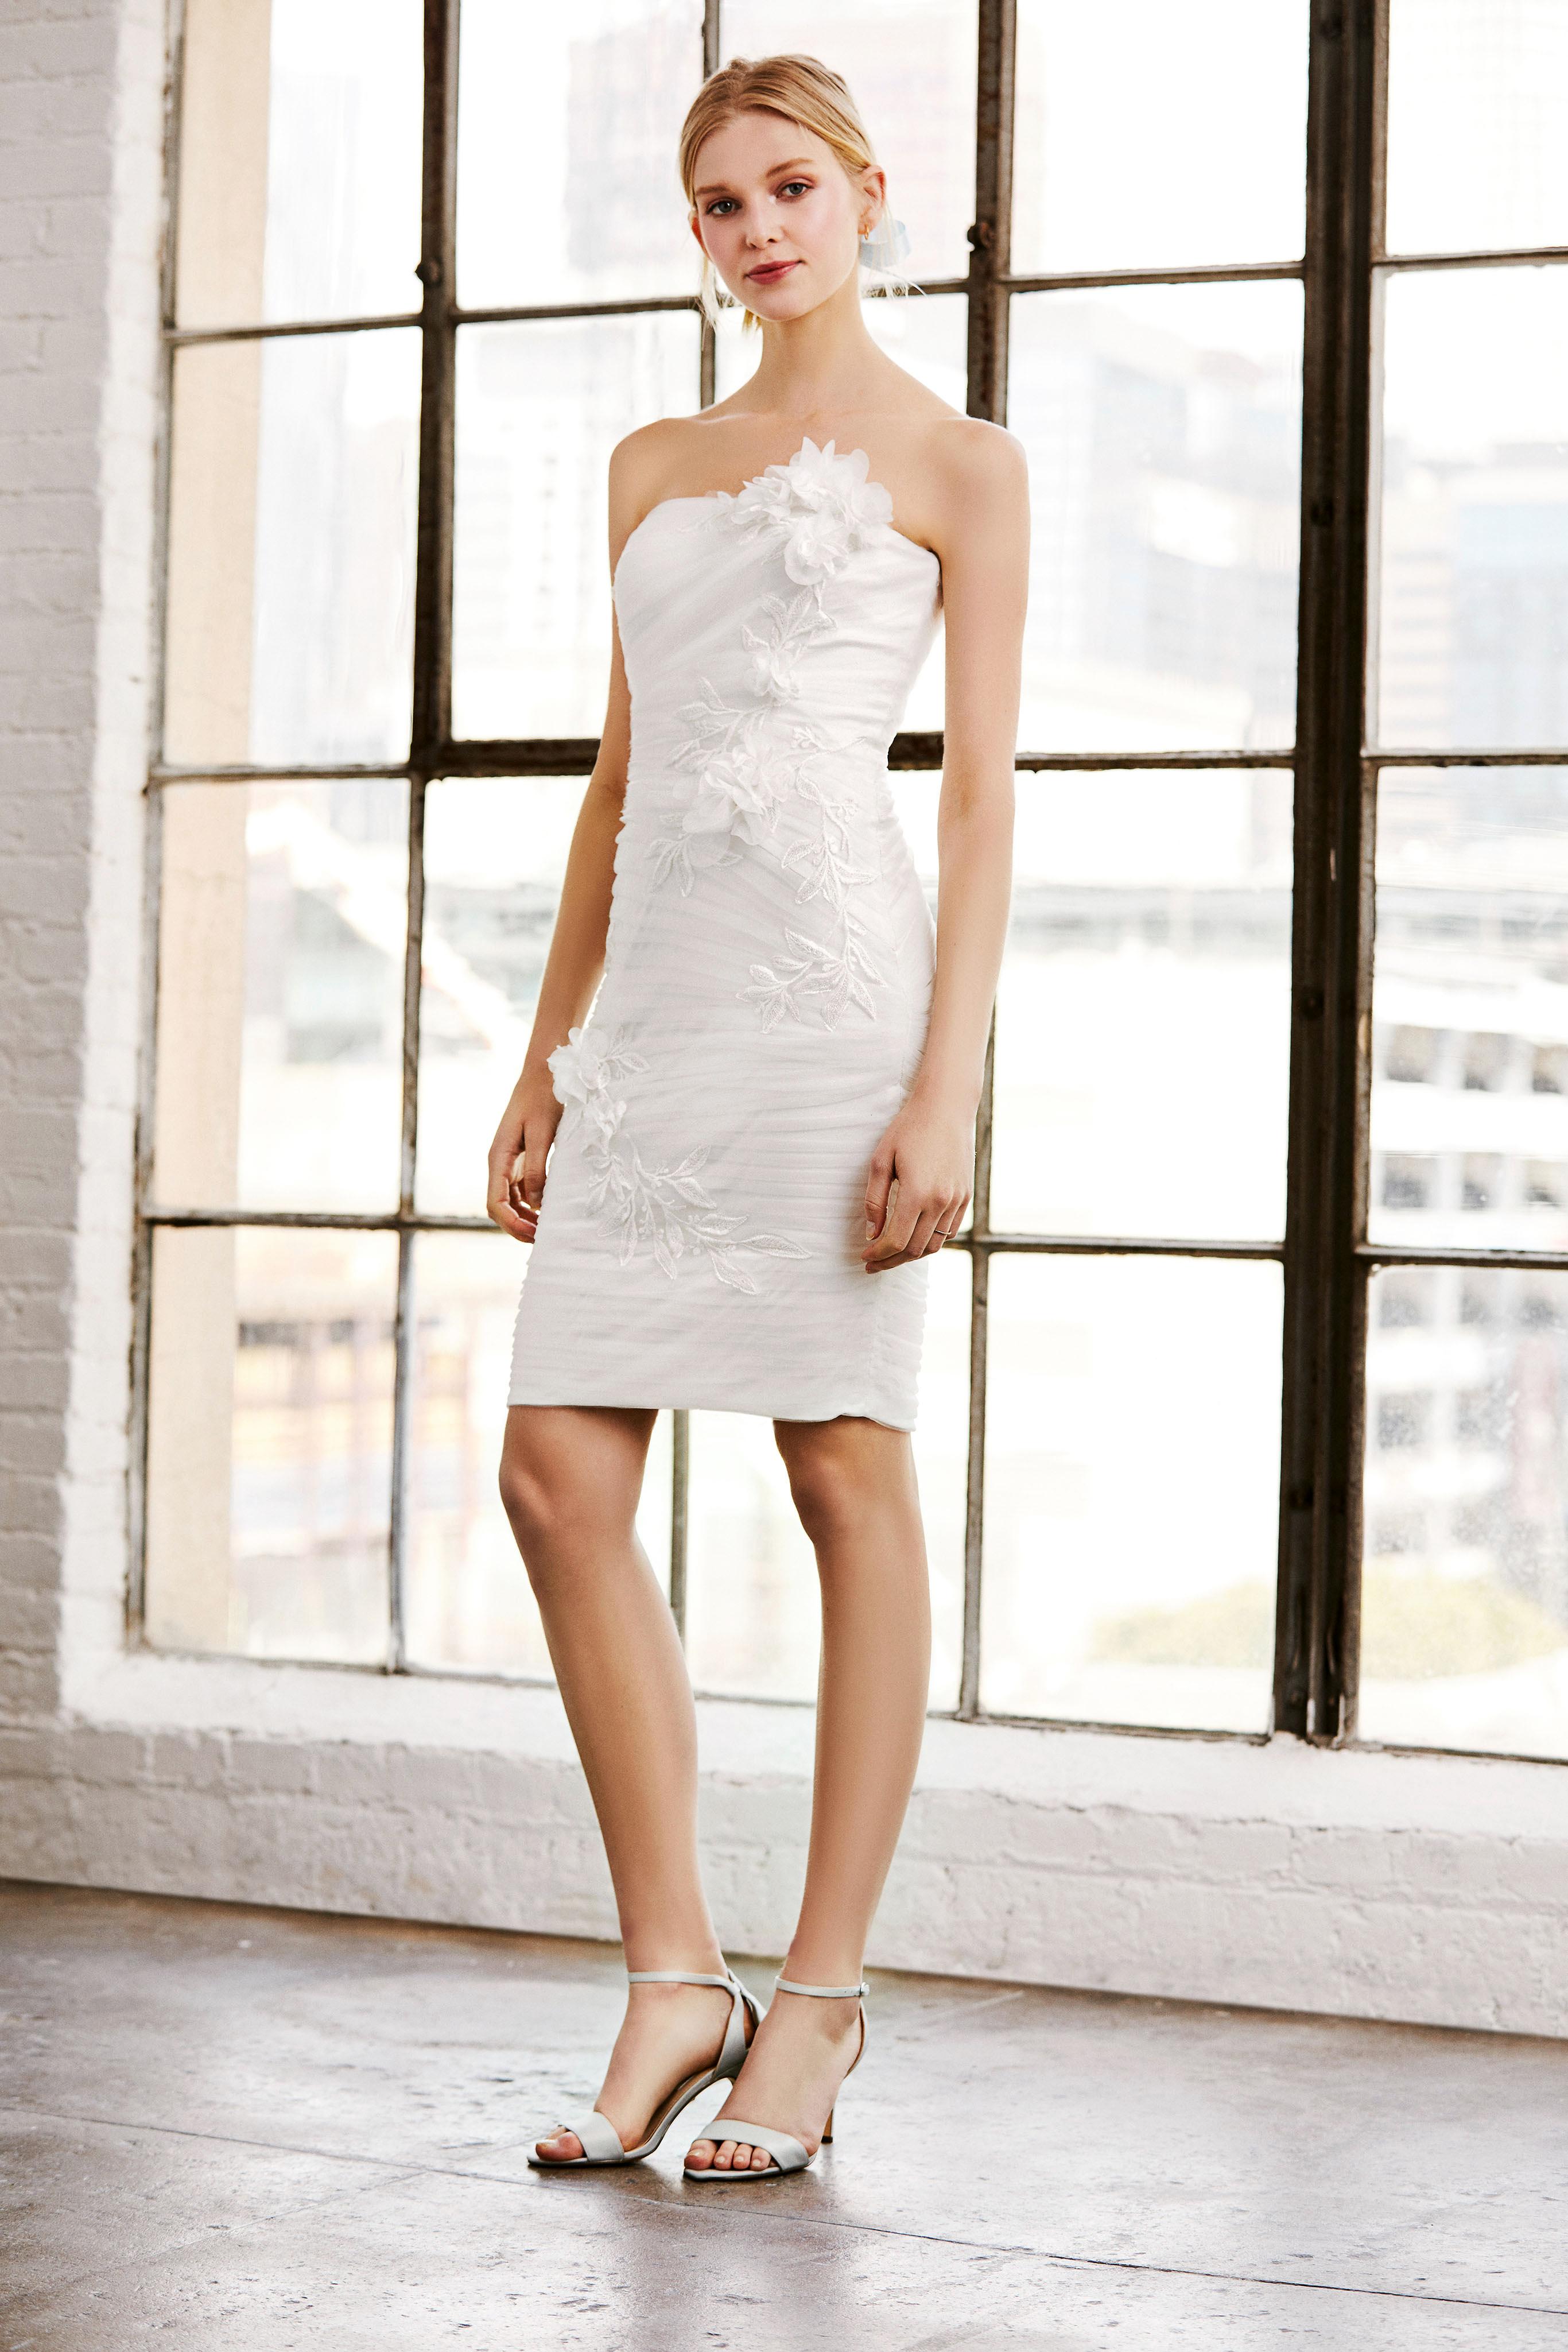 tadashi shoji wedding dress spring 2019 short floral applique strapless